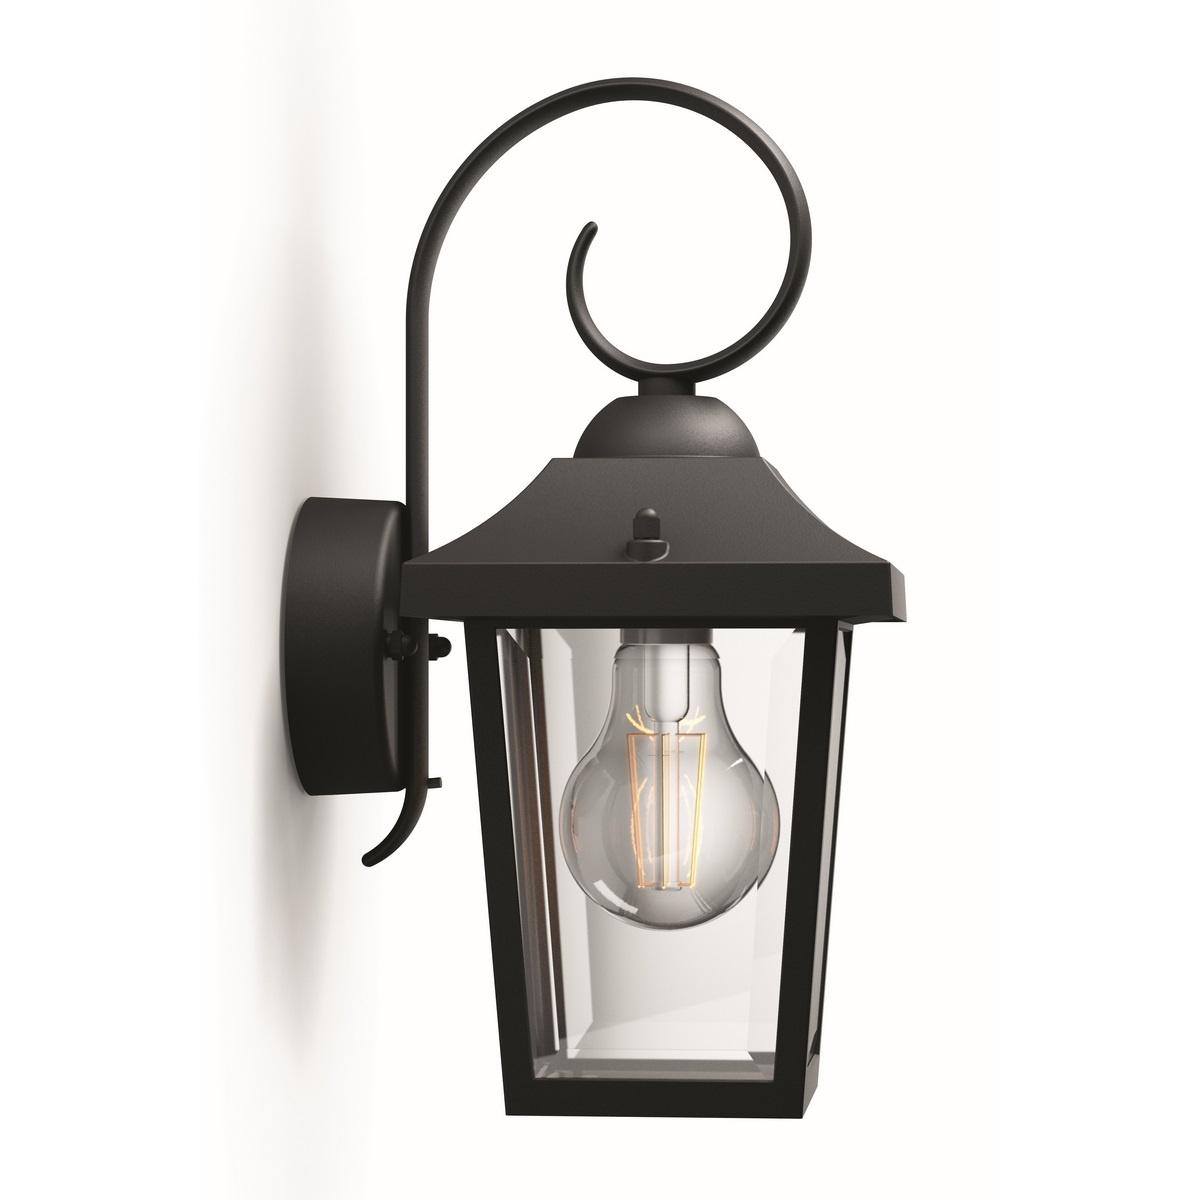 Philips 17236/30/PN Buzzard Venkovní nástěnné svítidlo 29 cm, černá